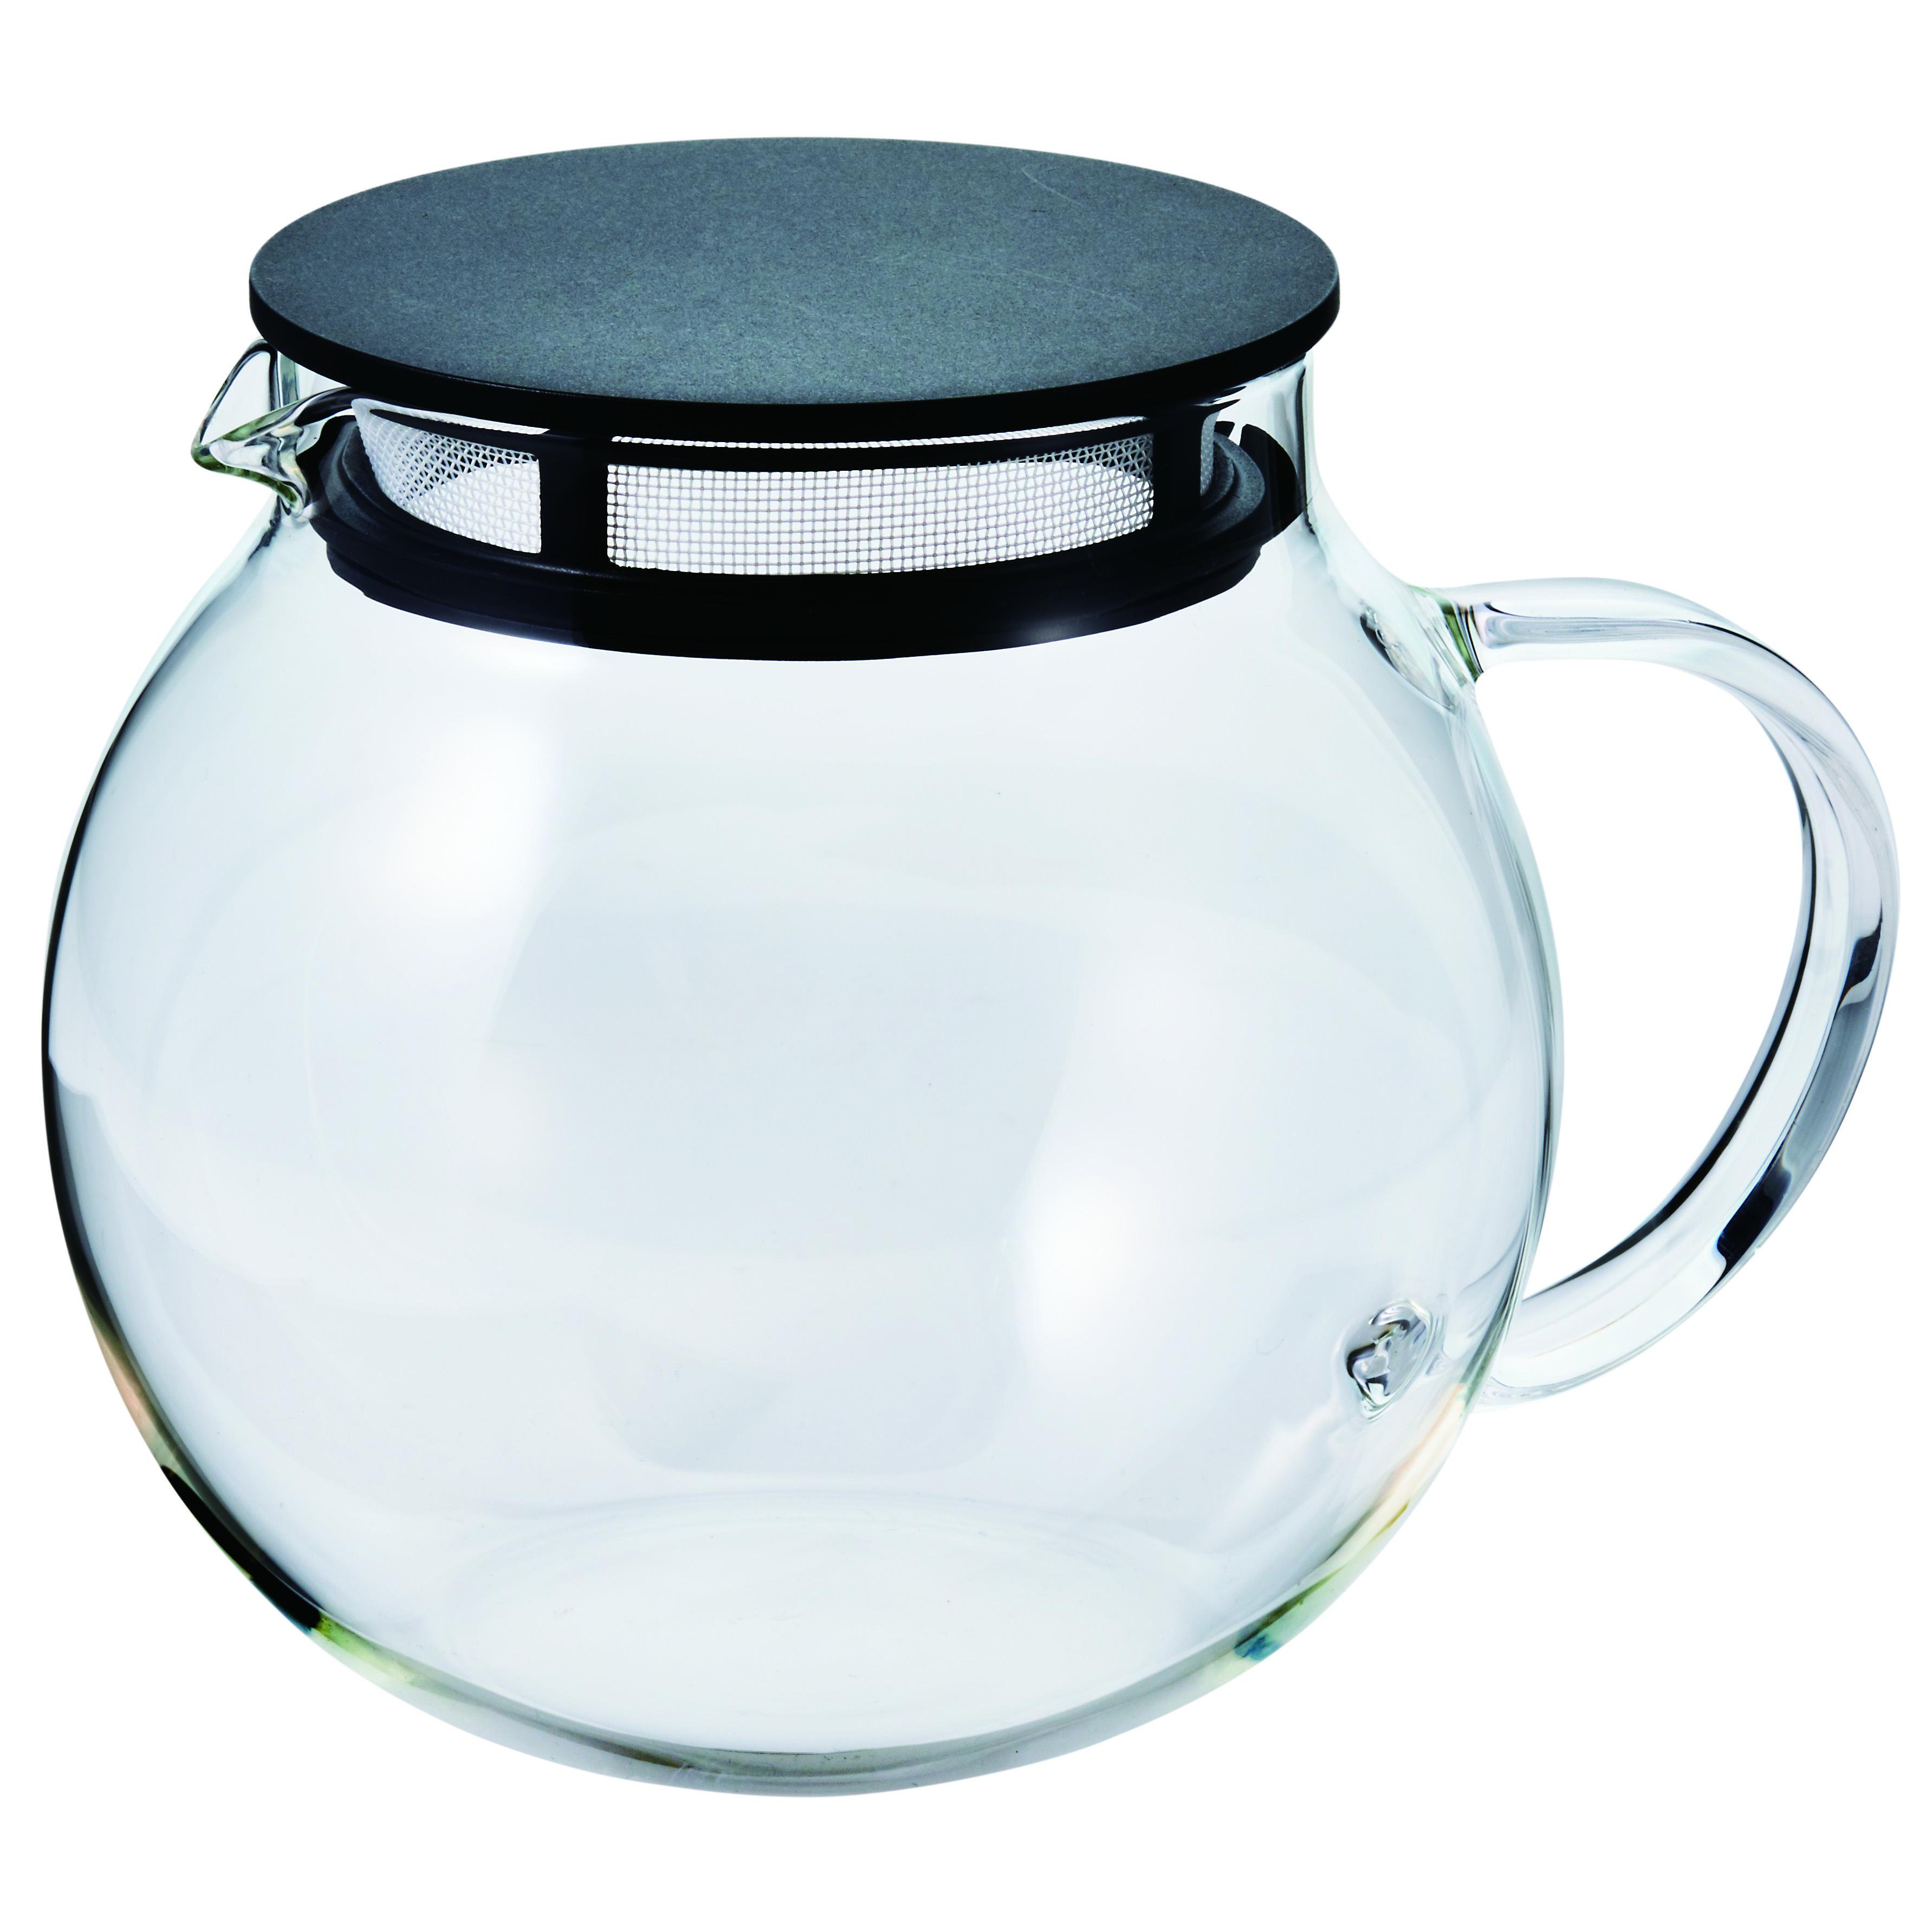 Bình trà thủy tinh Hario 600ml